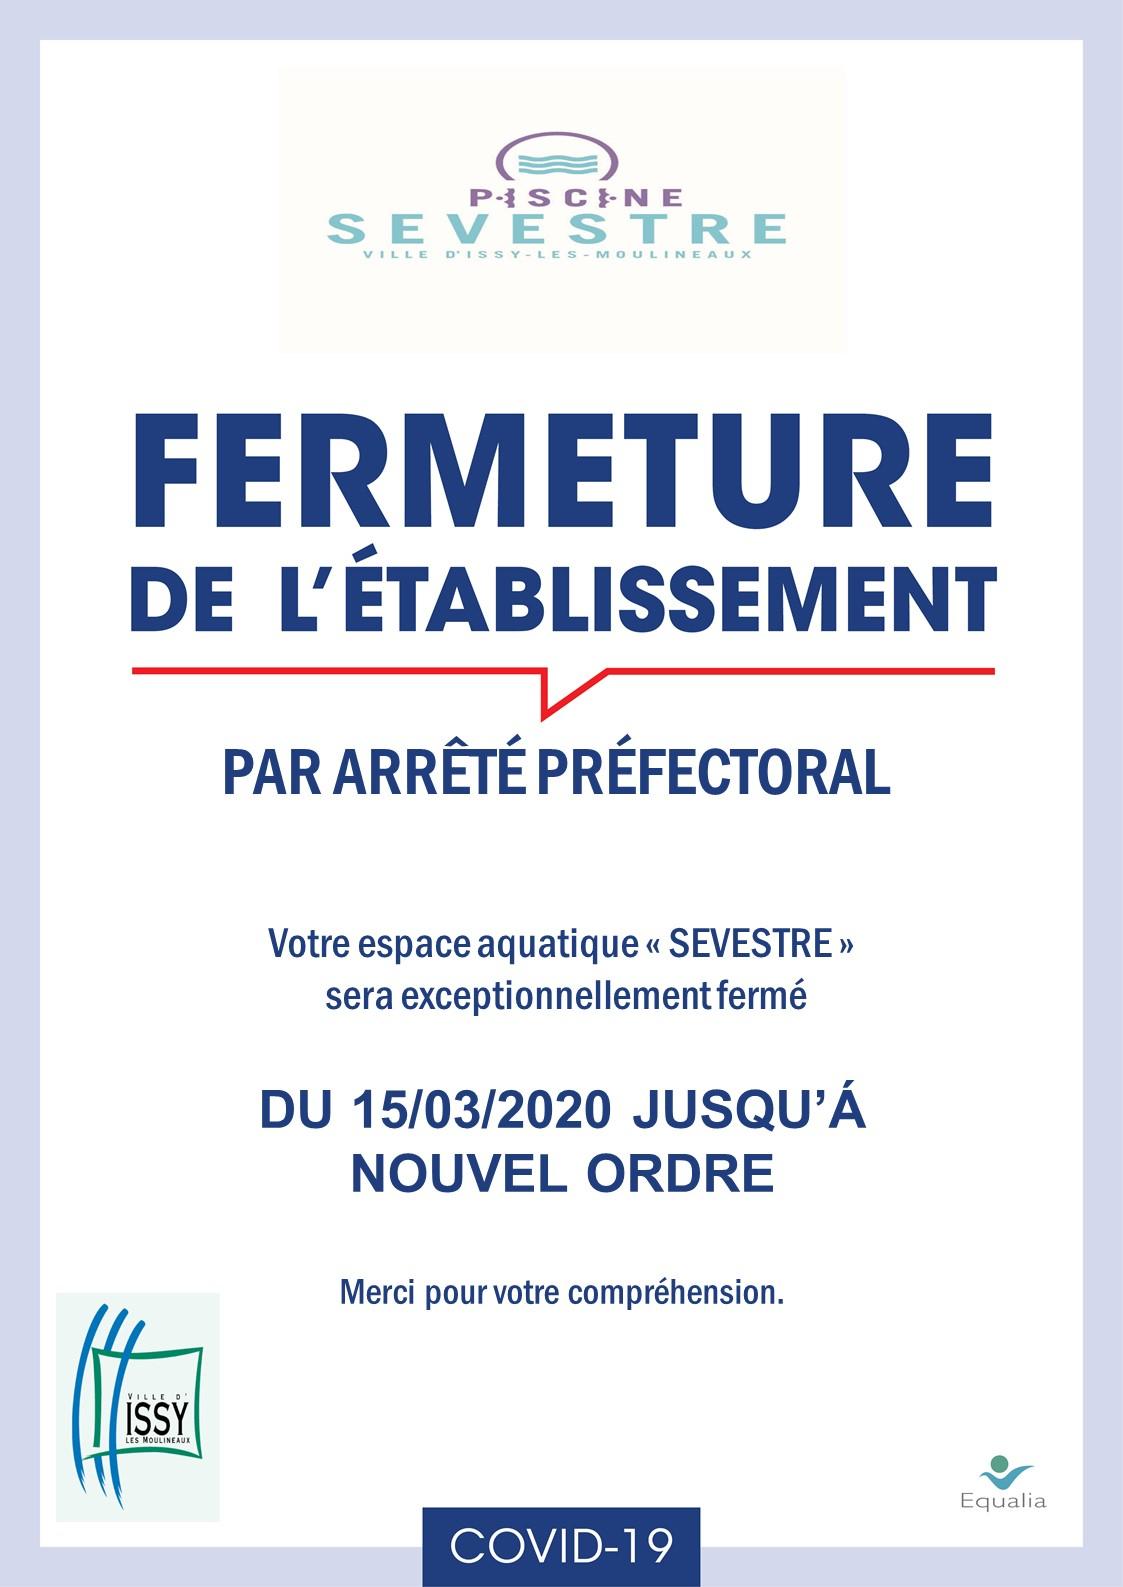 Piscine Sevestre D'issy-Les-Moulineaux intérieur Piscine Sevestre Issy Les Moulineaux